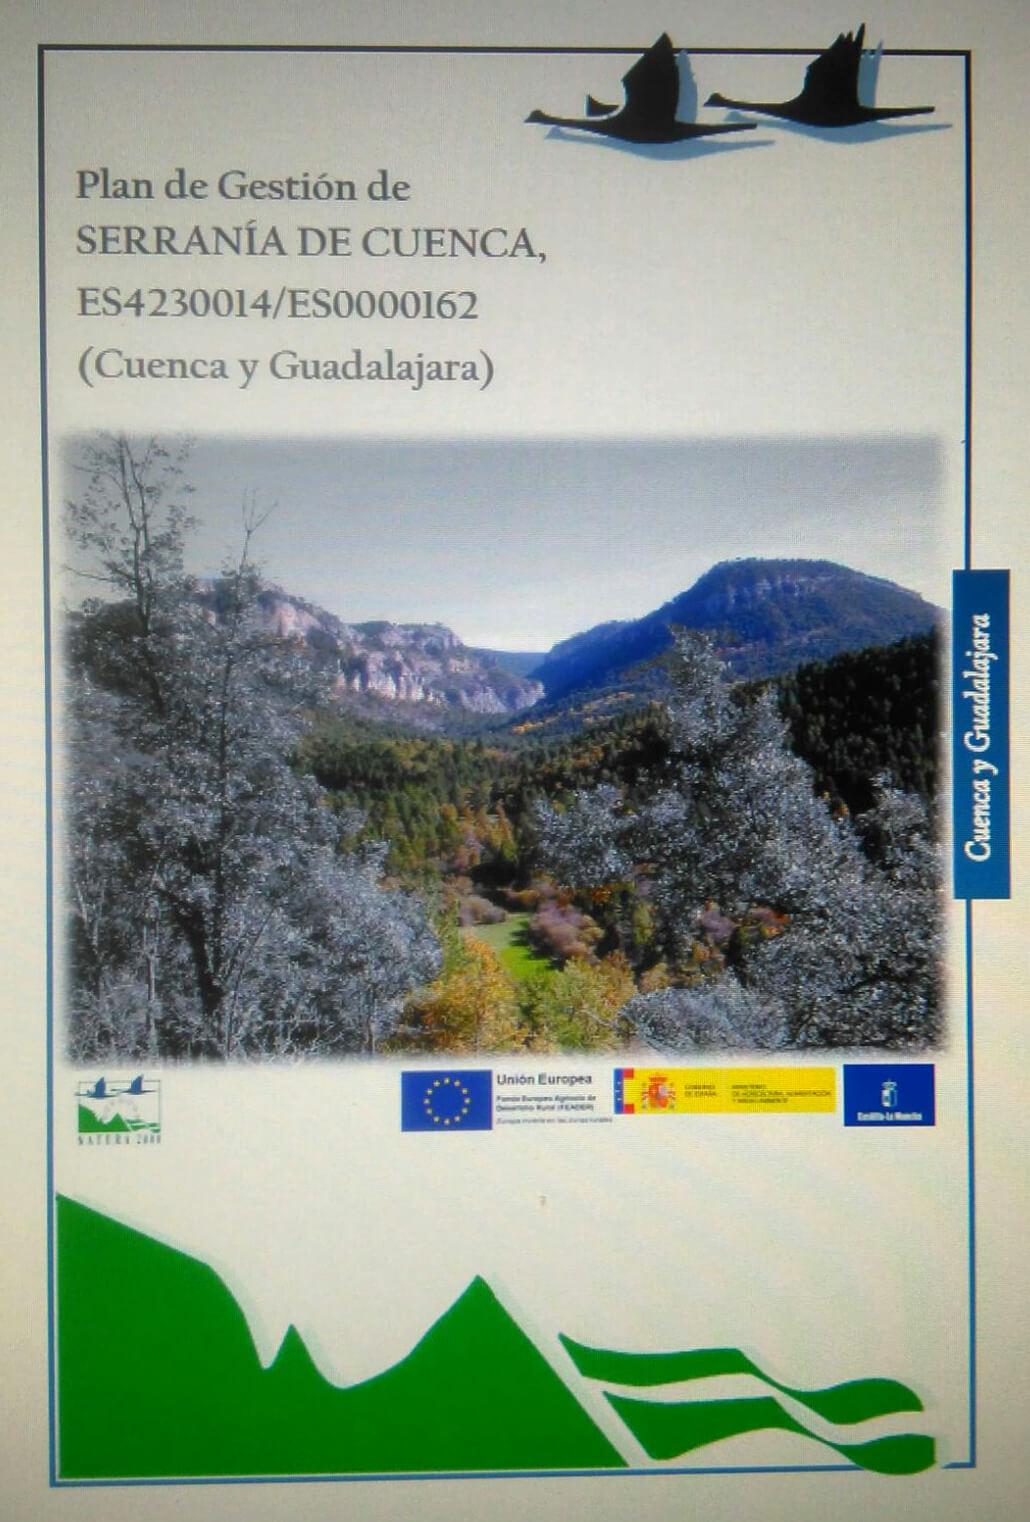 Plan de Gestión de la Serranía de Cuenca (2014)